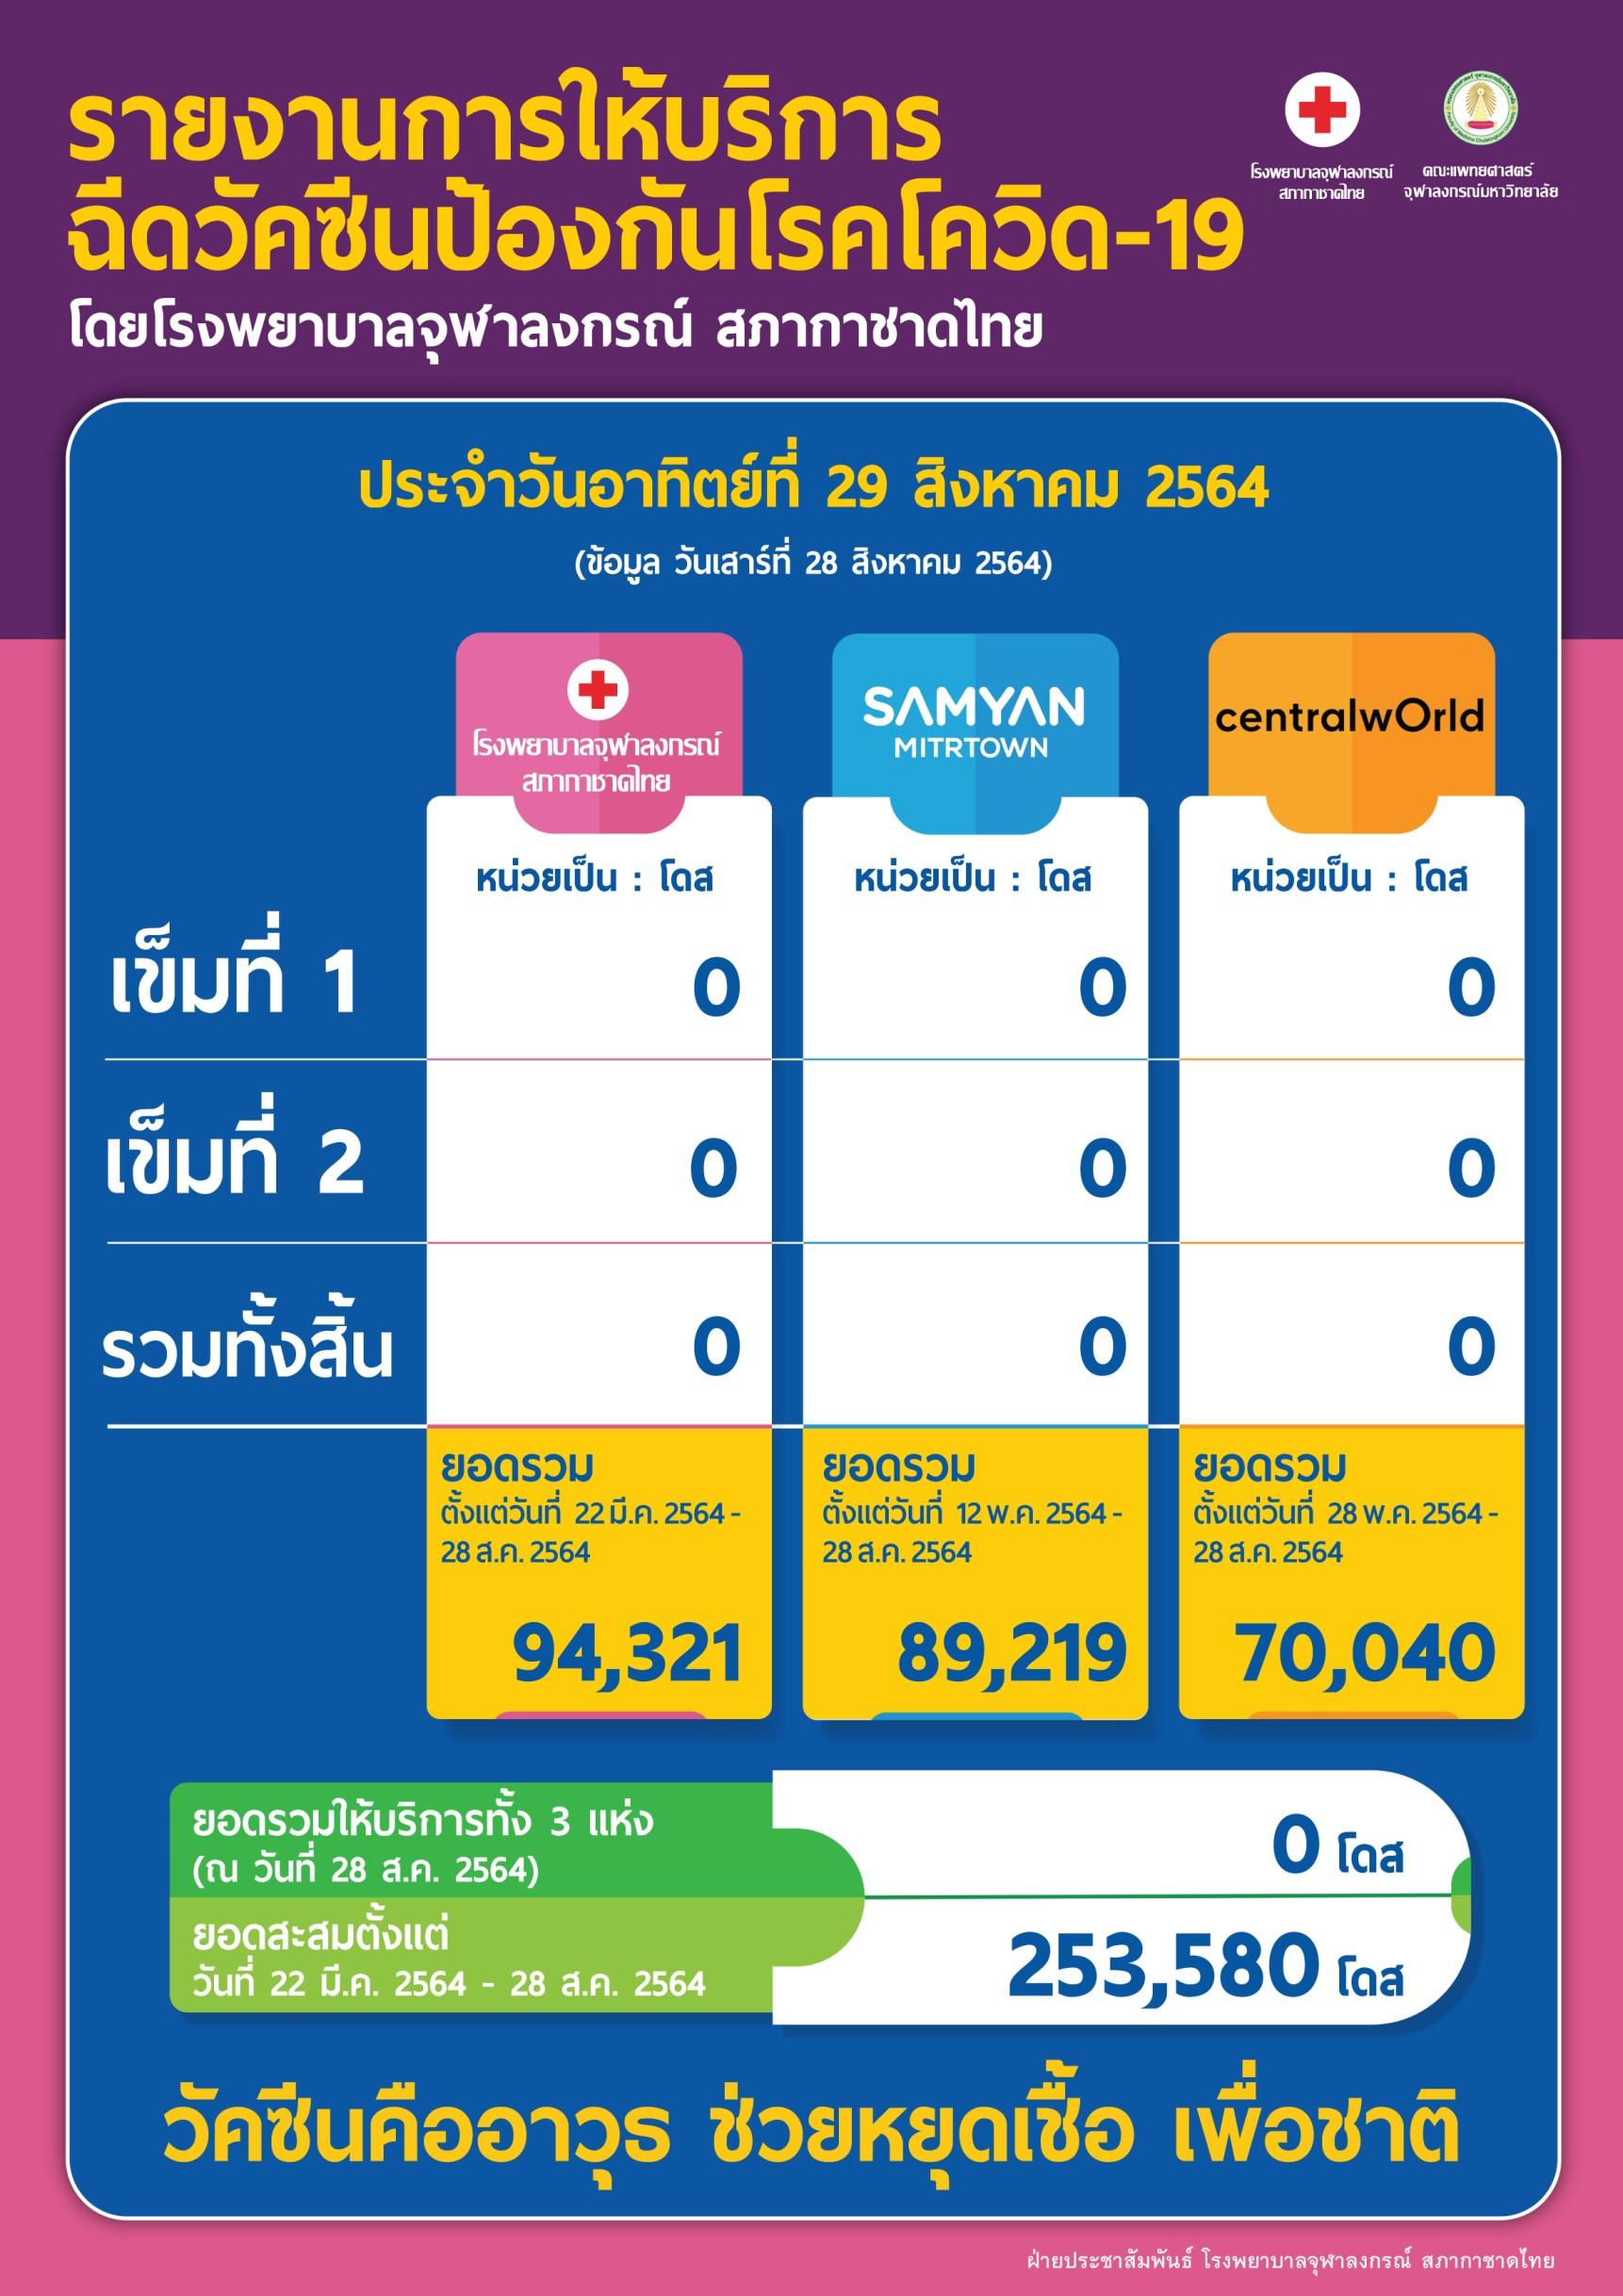 รายงานการให้บริการ ฉีดวัคซีนป้องกันโรคโควิด-19 โดยโรงพยาบาลจุฬาลงกรณ์ สภากาชาดไทย ประจำวันอาทิตย์ที่ 29 สิงหาคม 2564